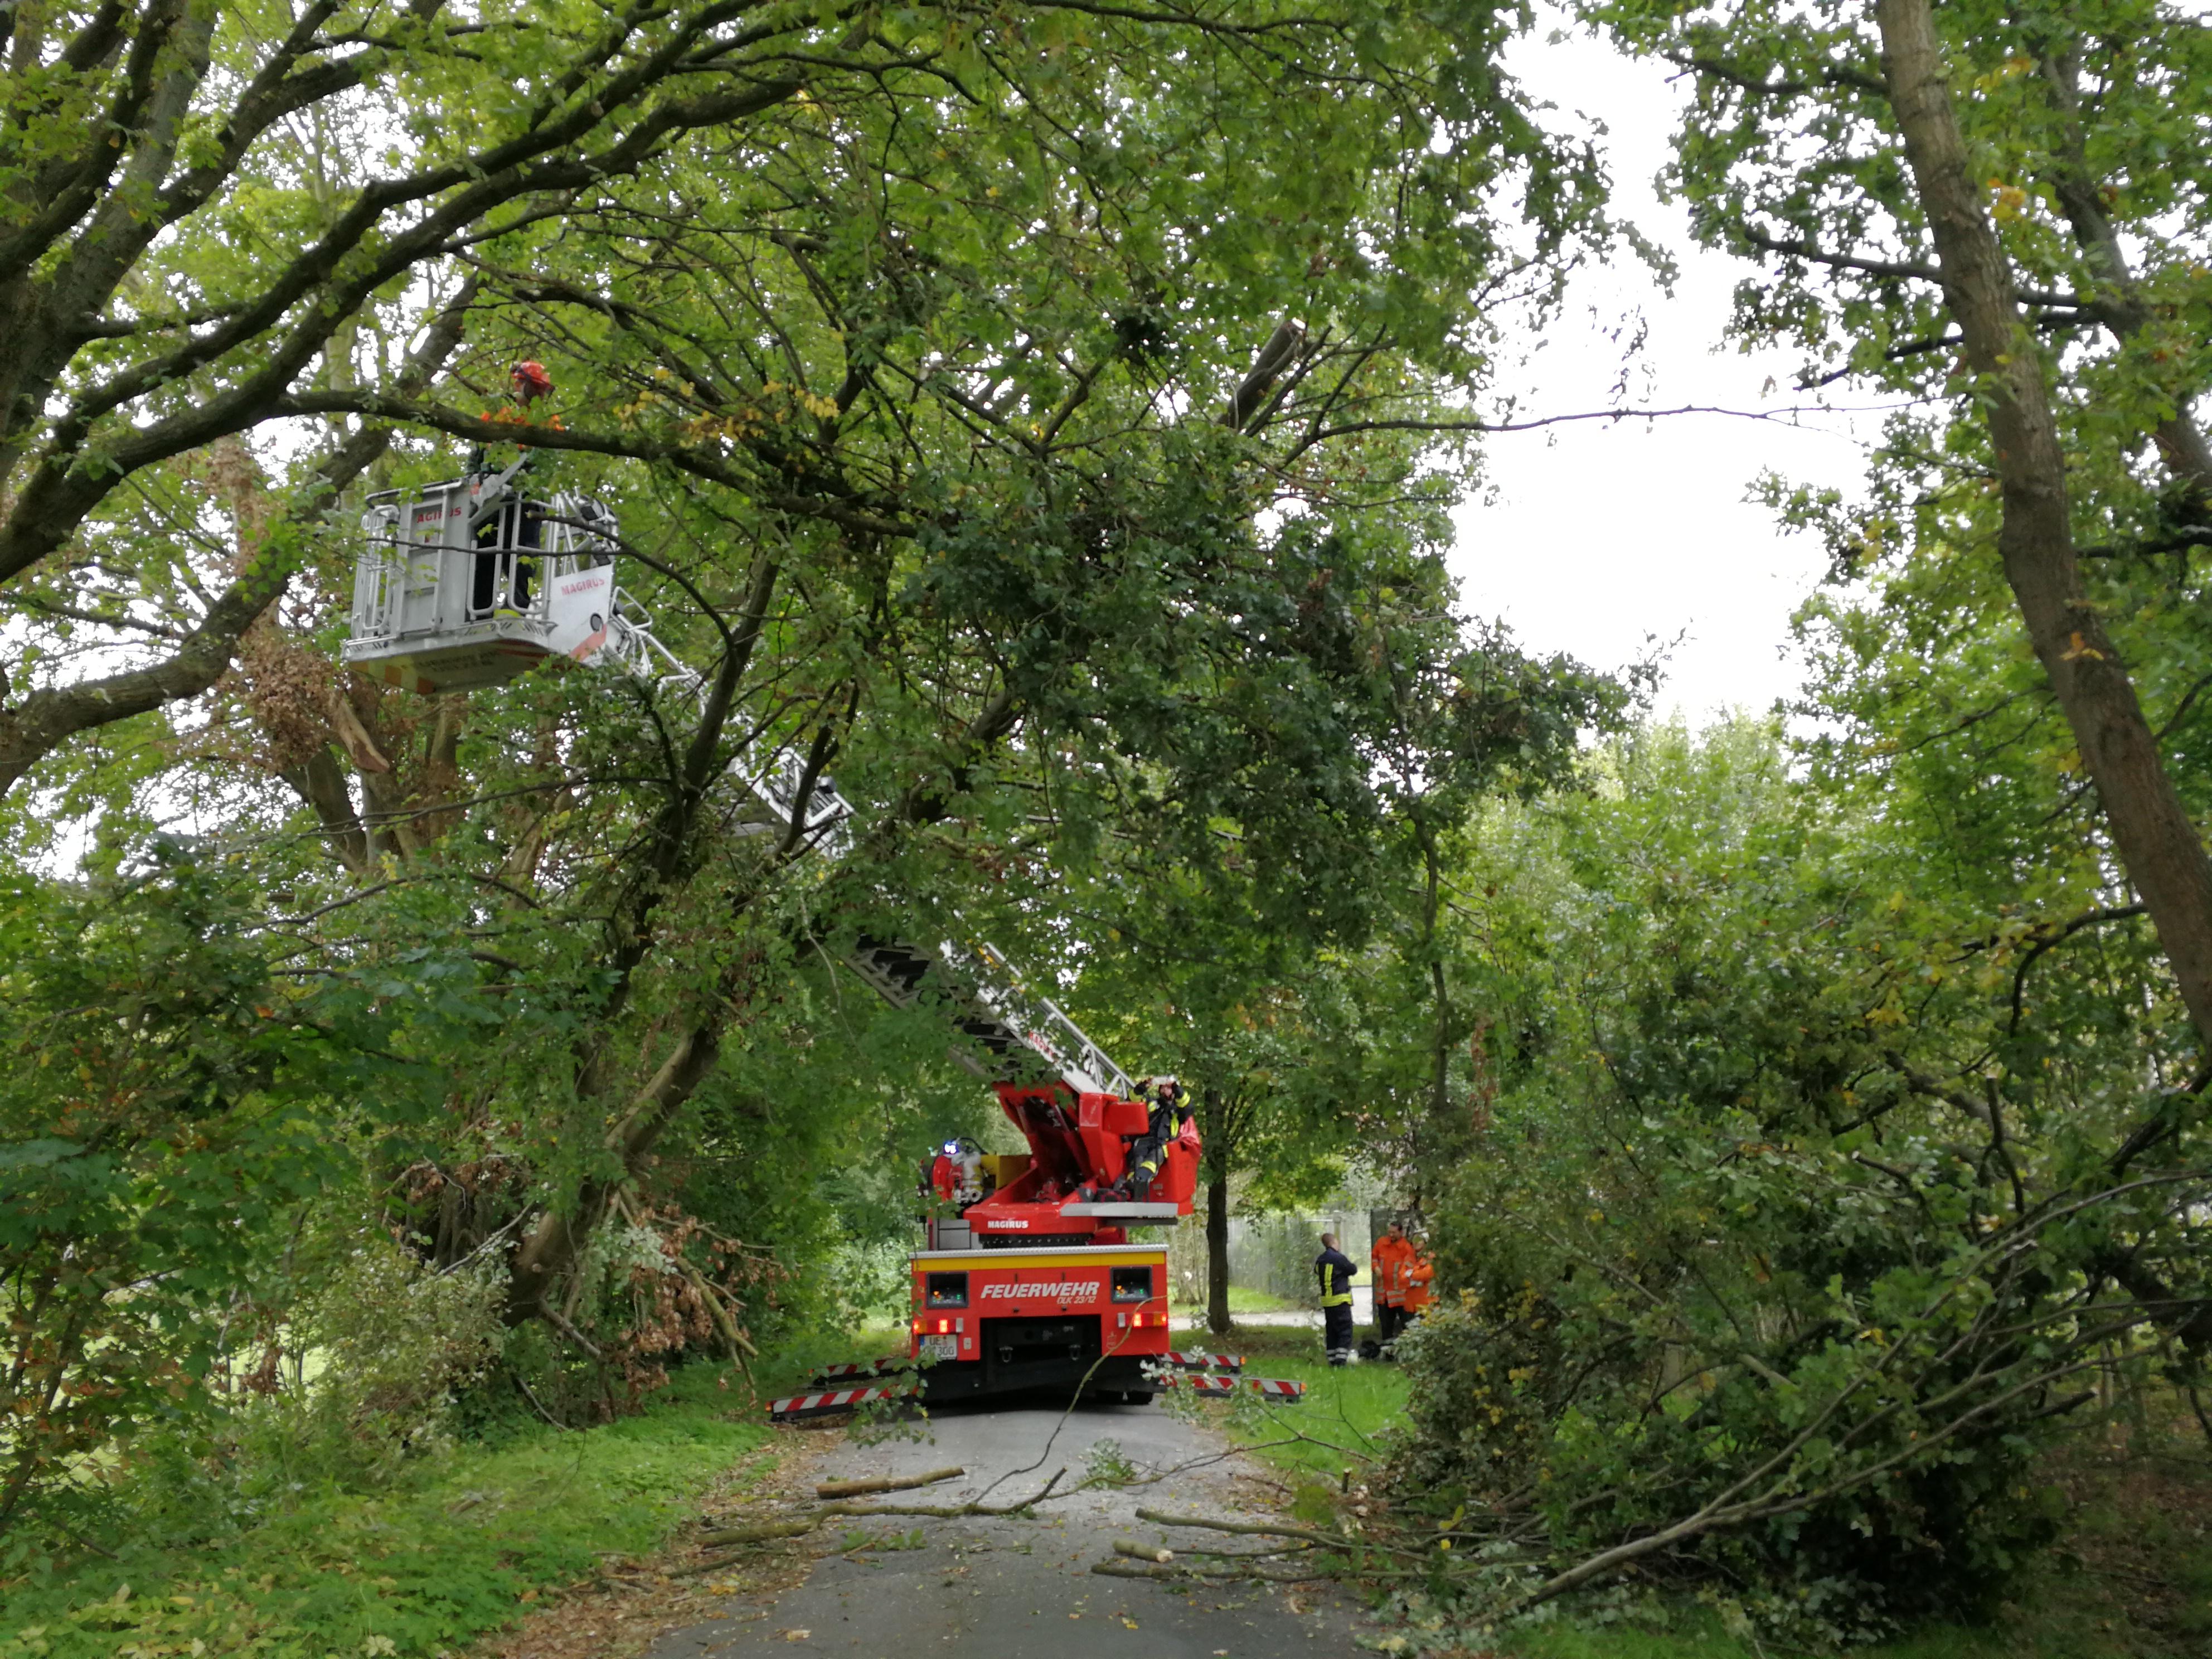 257. Hilfeleistung - - Anforderung DLK -  Baum droht auf Straße zu fallen